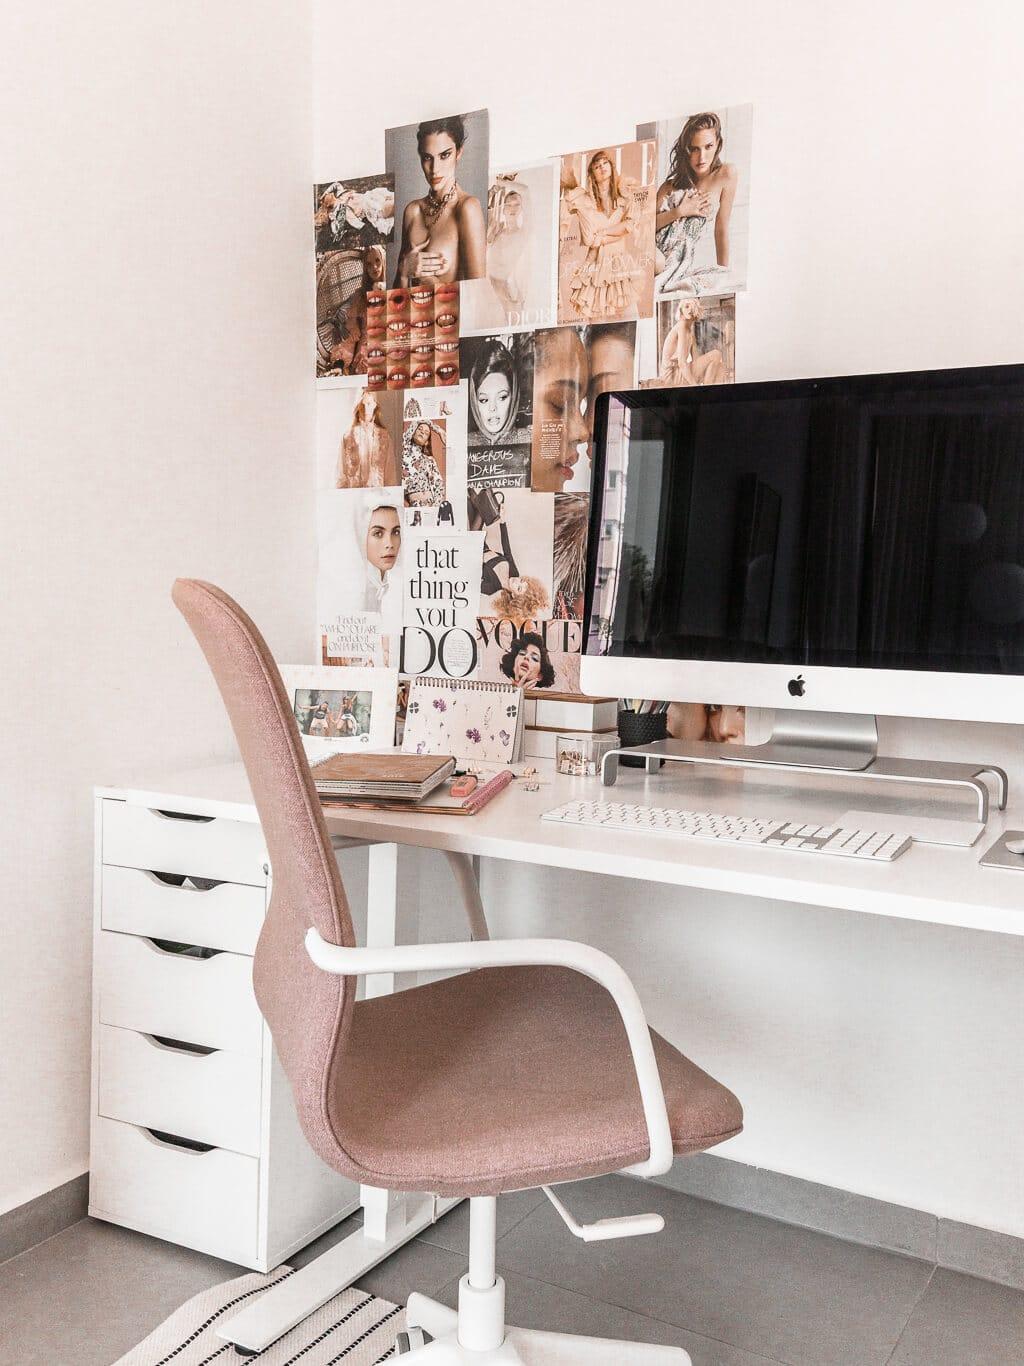 סיור במשרד שלי - עיצוב אקלקטי סקנדינבי, ג׳ונגל אורבני | Hedonistit office tour - eclectic nordic urban jungle home styling